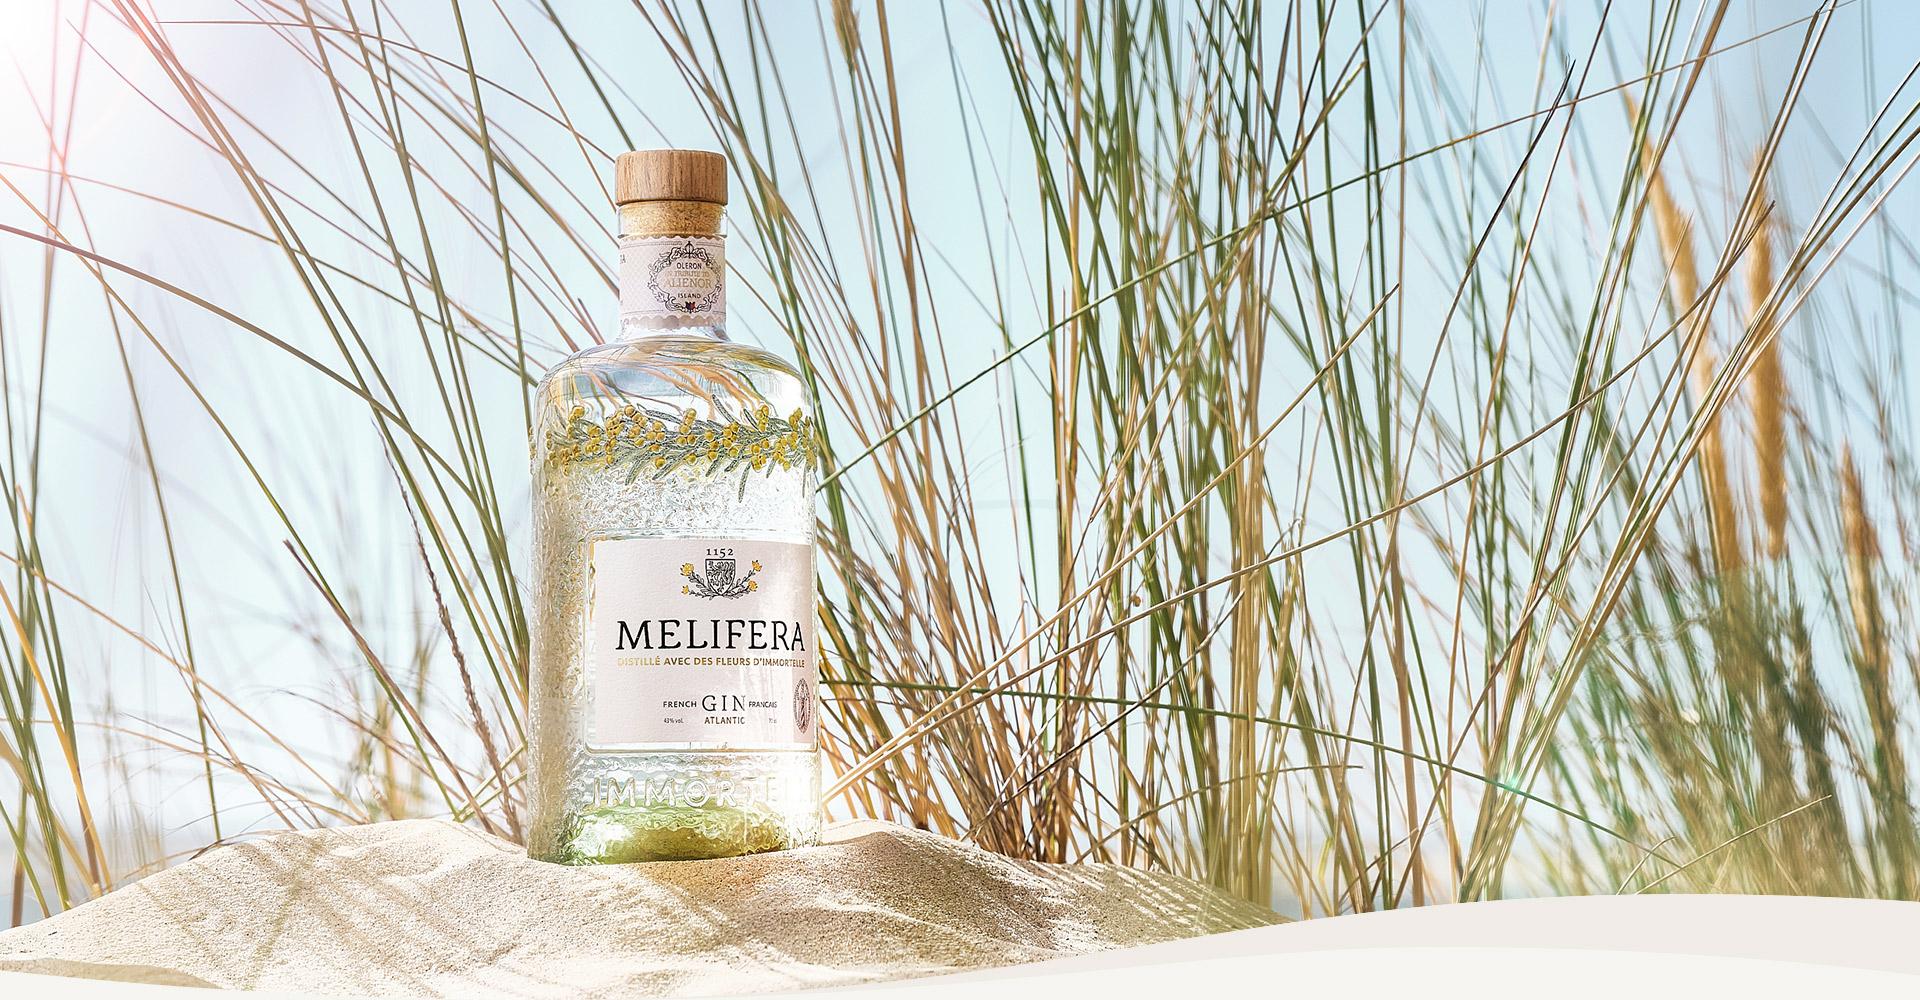 Dans-les-coulisses-de-la-creation-du-gin-francais-Melifera-bouteille